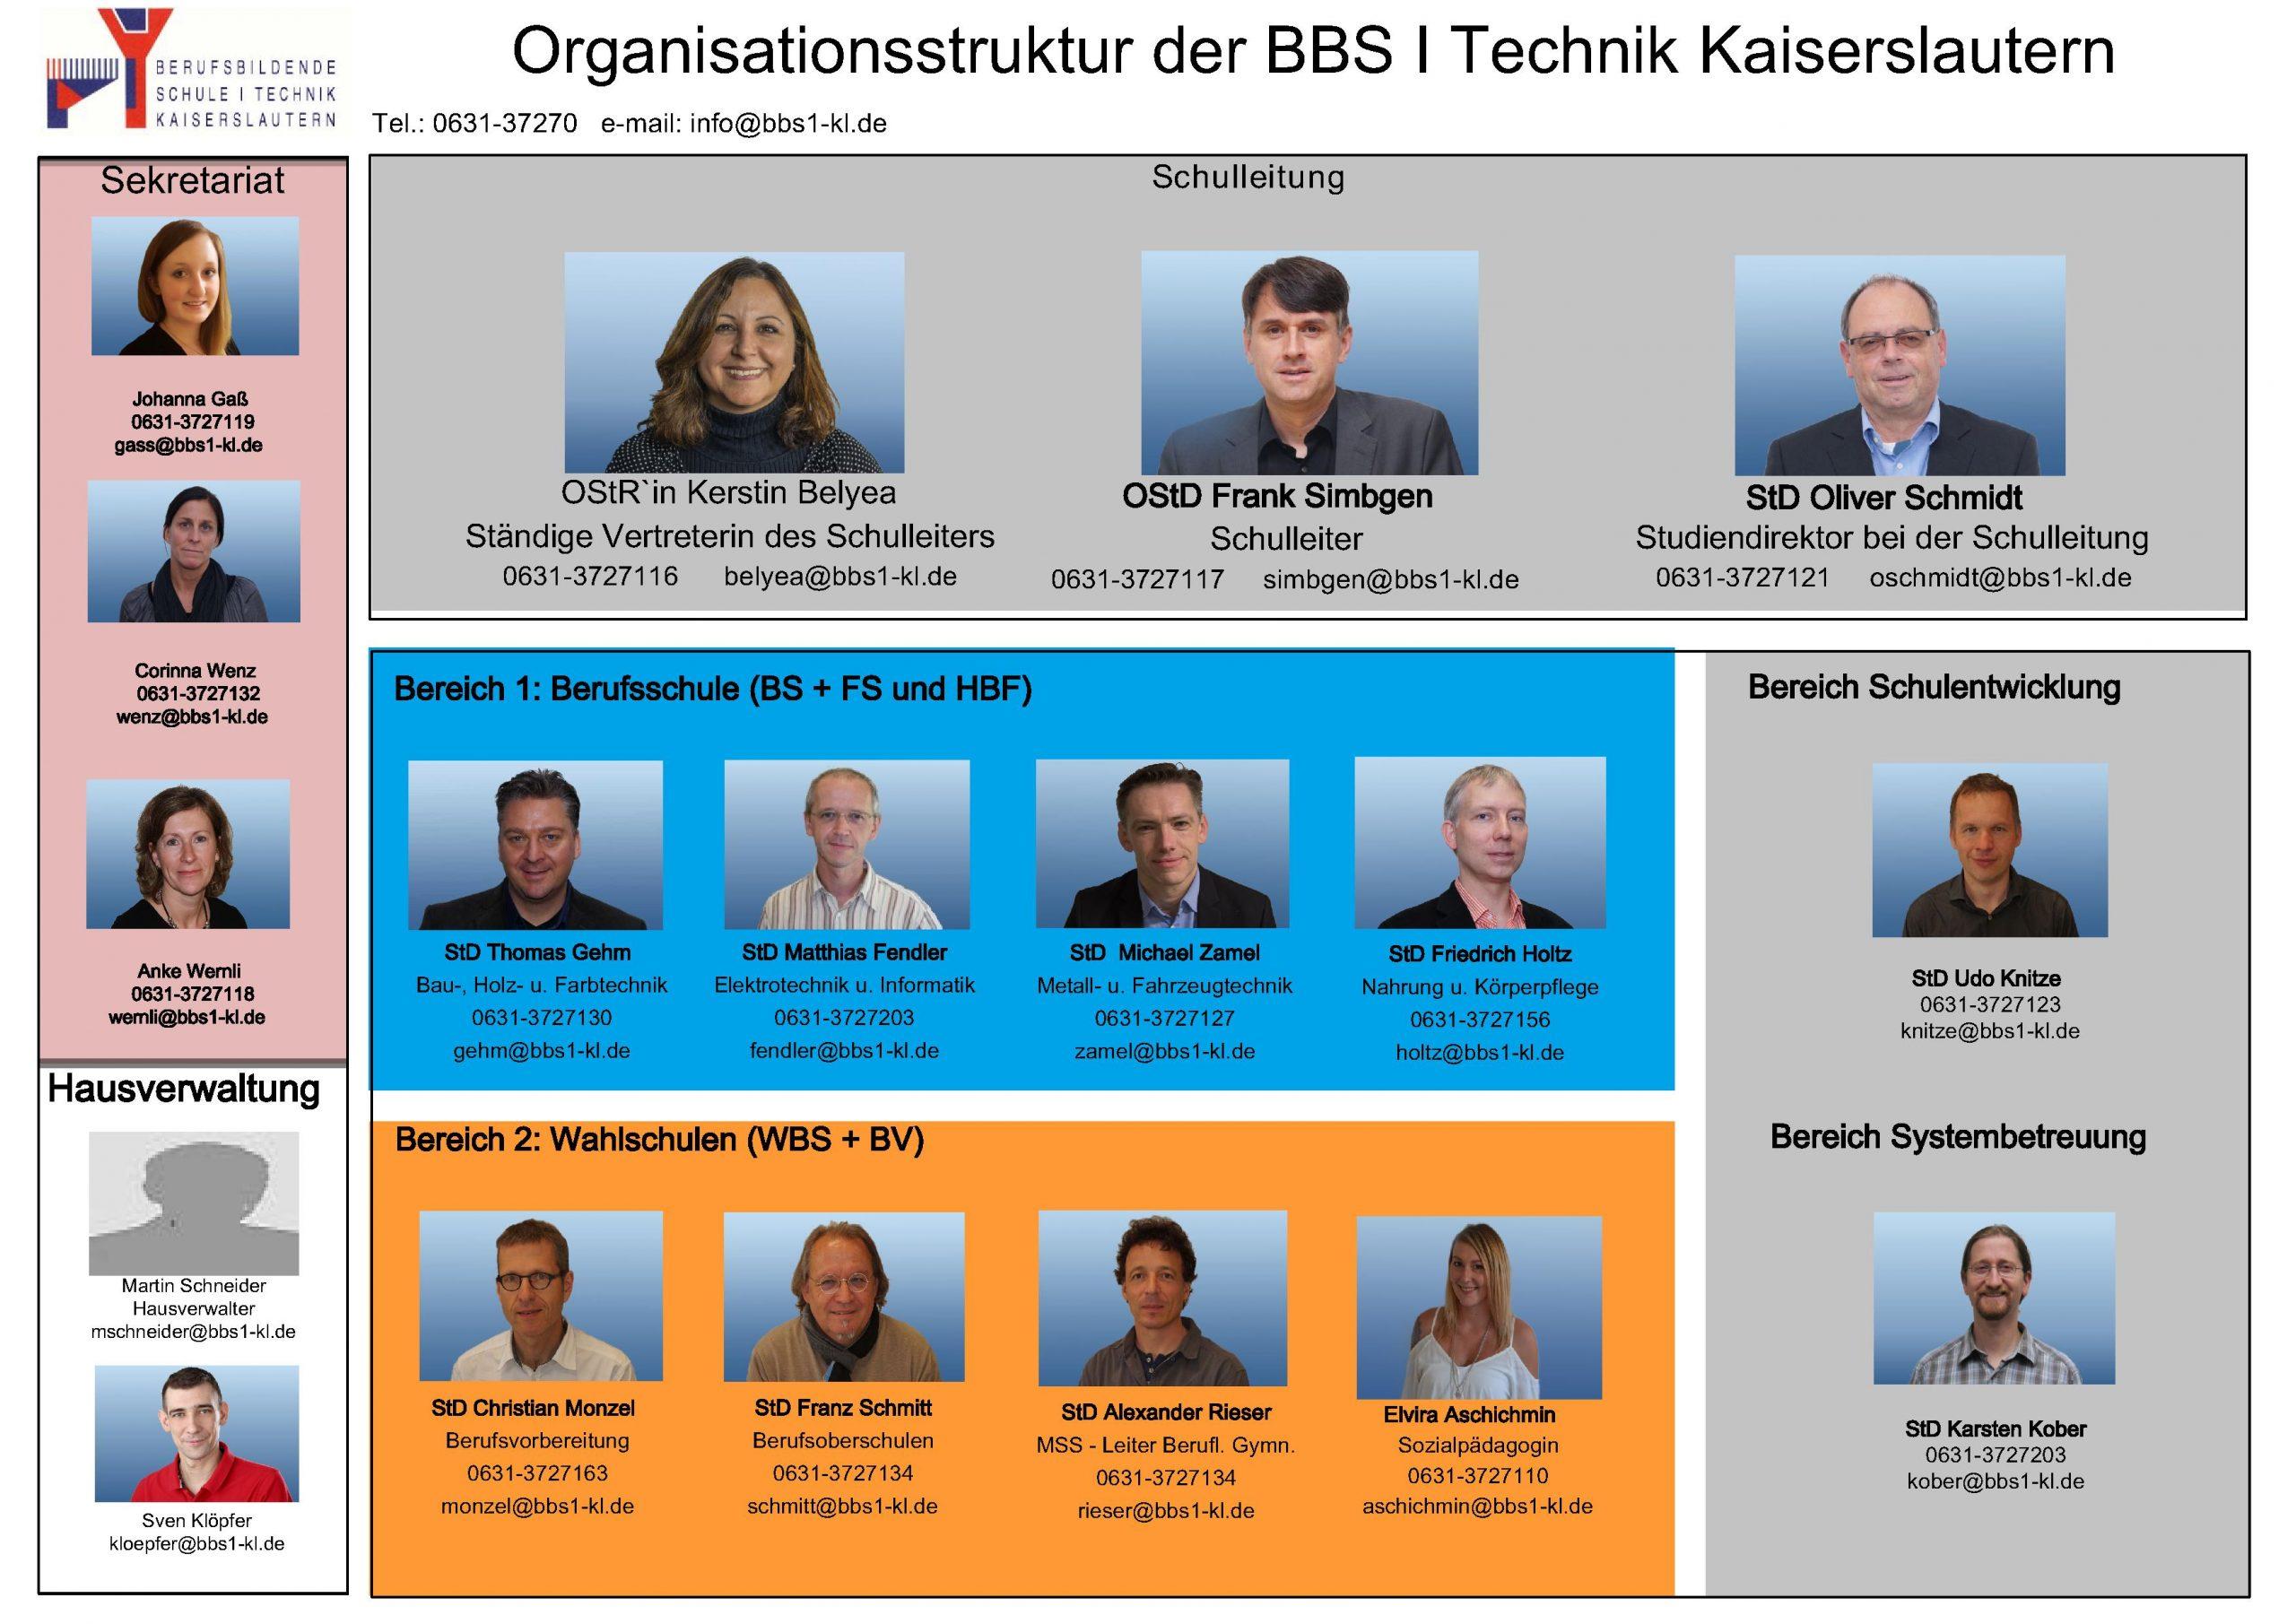 Organigramm BBSI-Technik